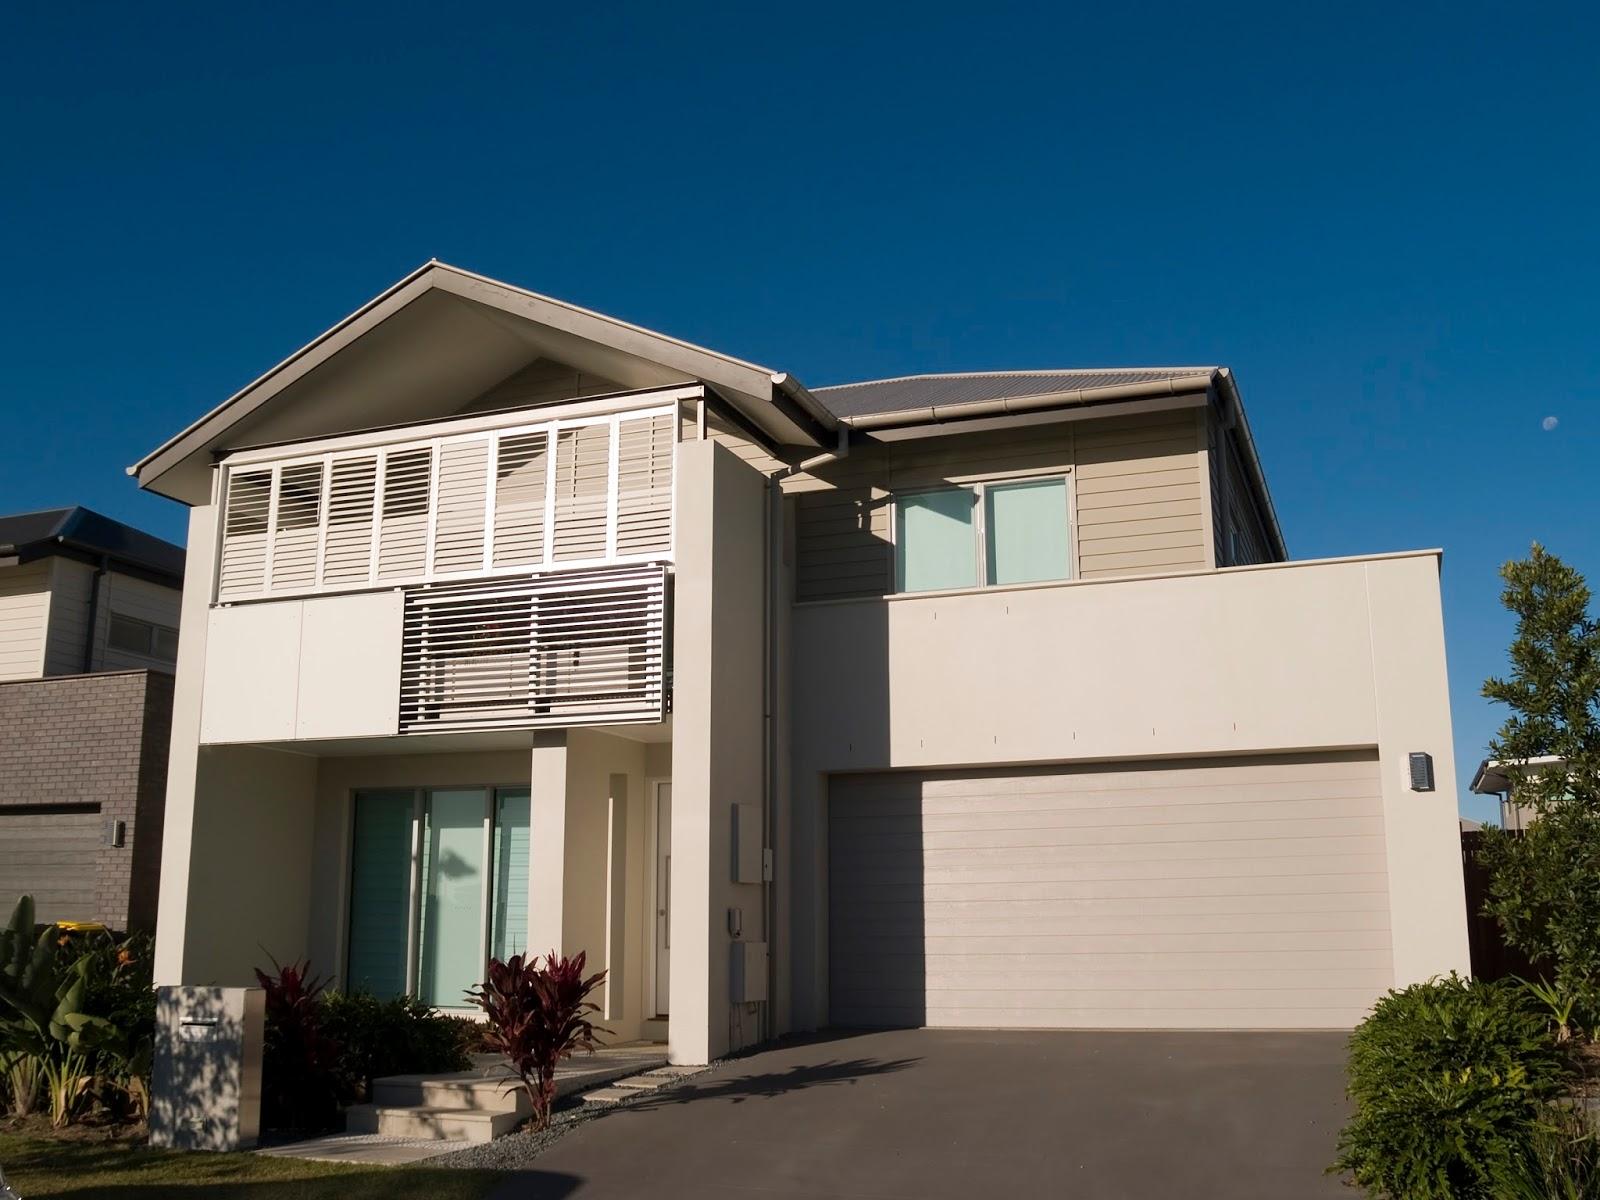 Pisos para casas modernas planos de casas modernas for Fachadas pisos modernas